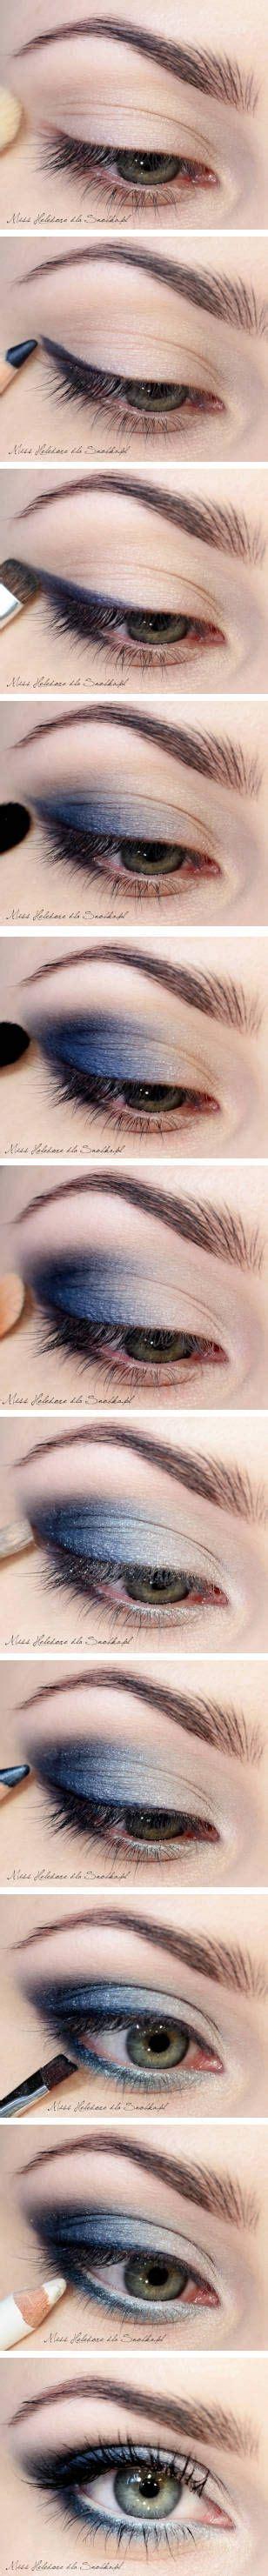 Opulence Teeth Whitening 20 by Stila Smudge Stick Waterproof Eye Liner Teenmakeup